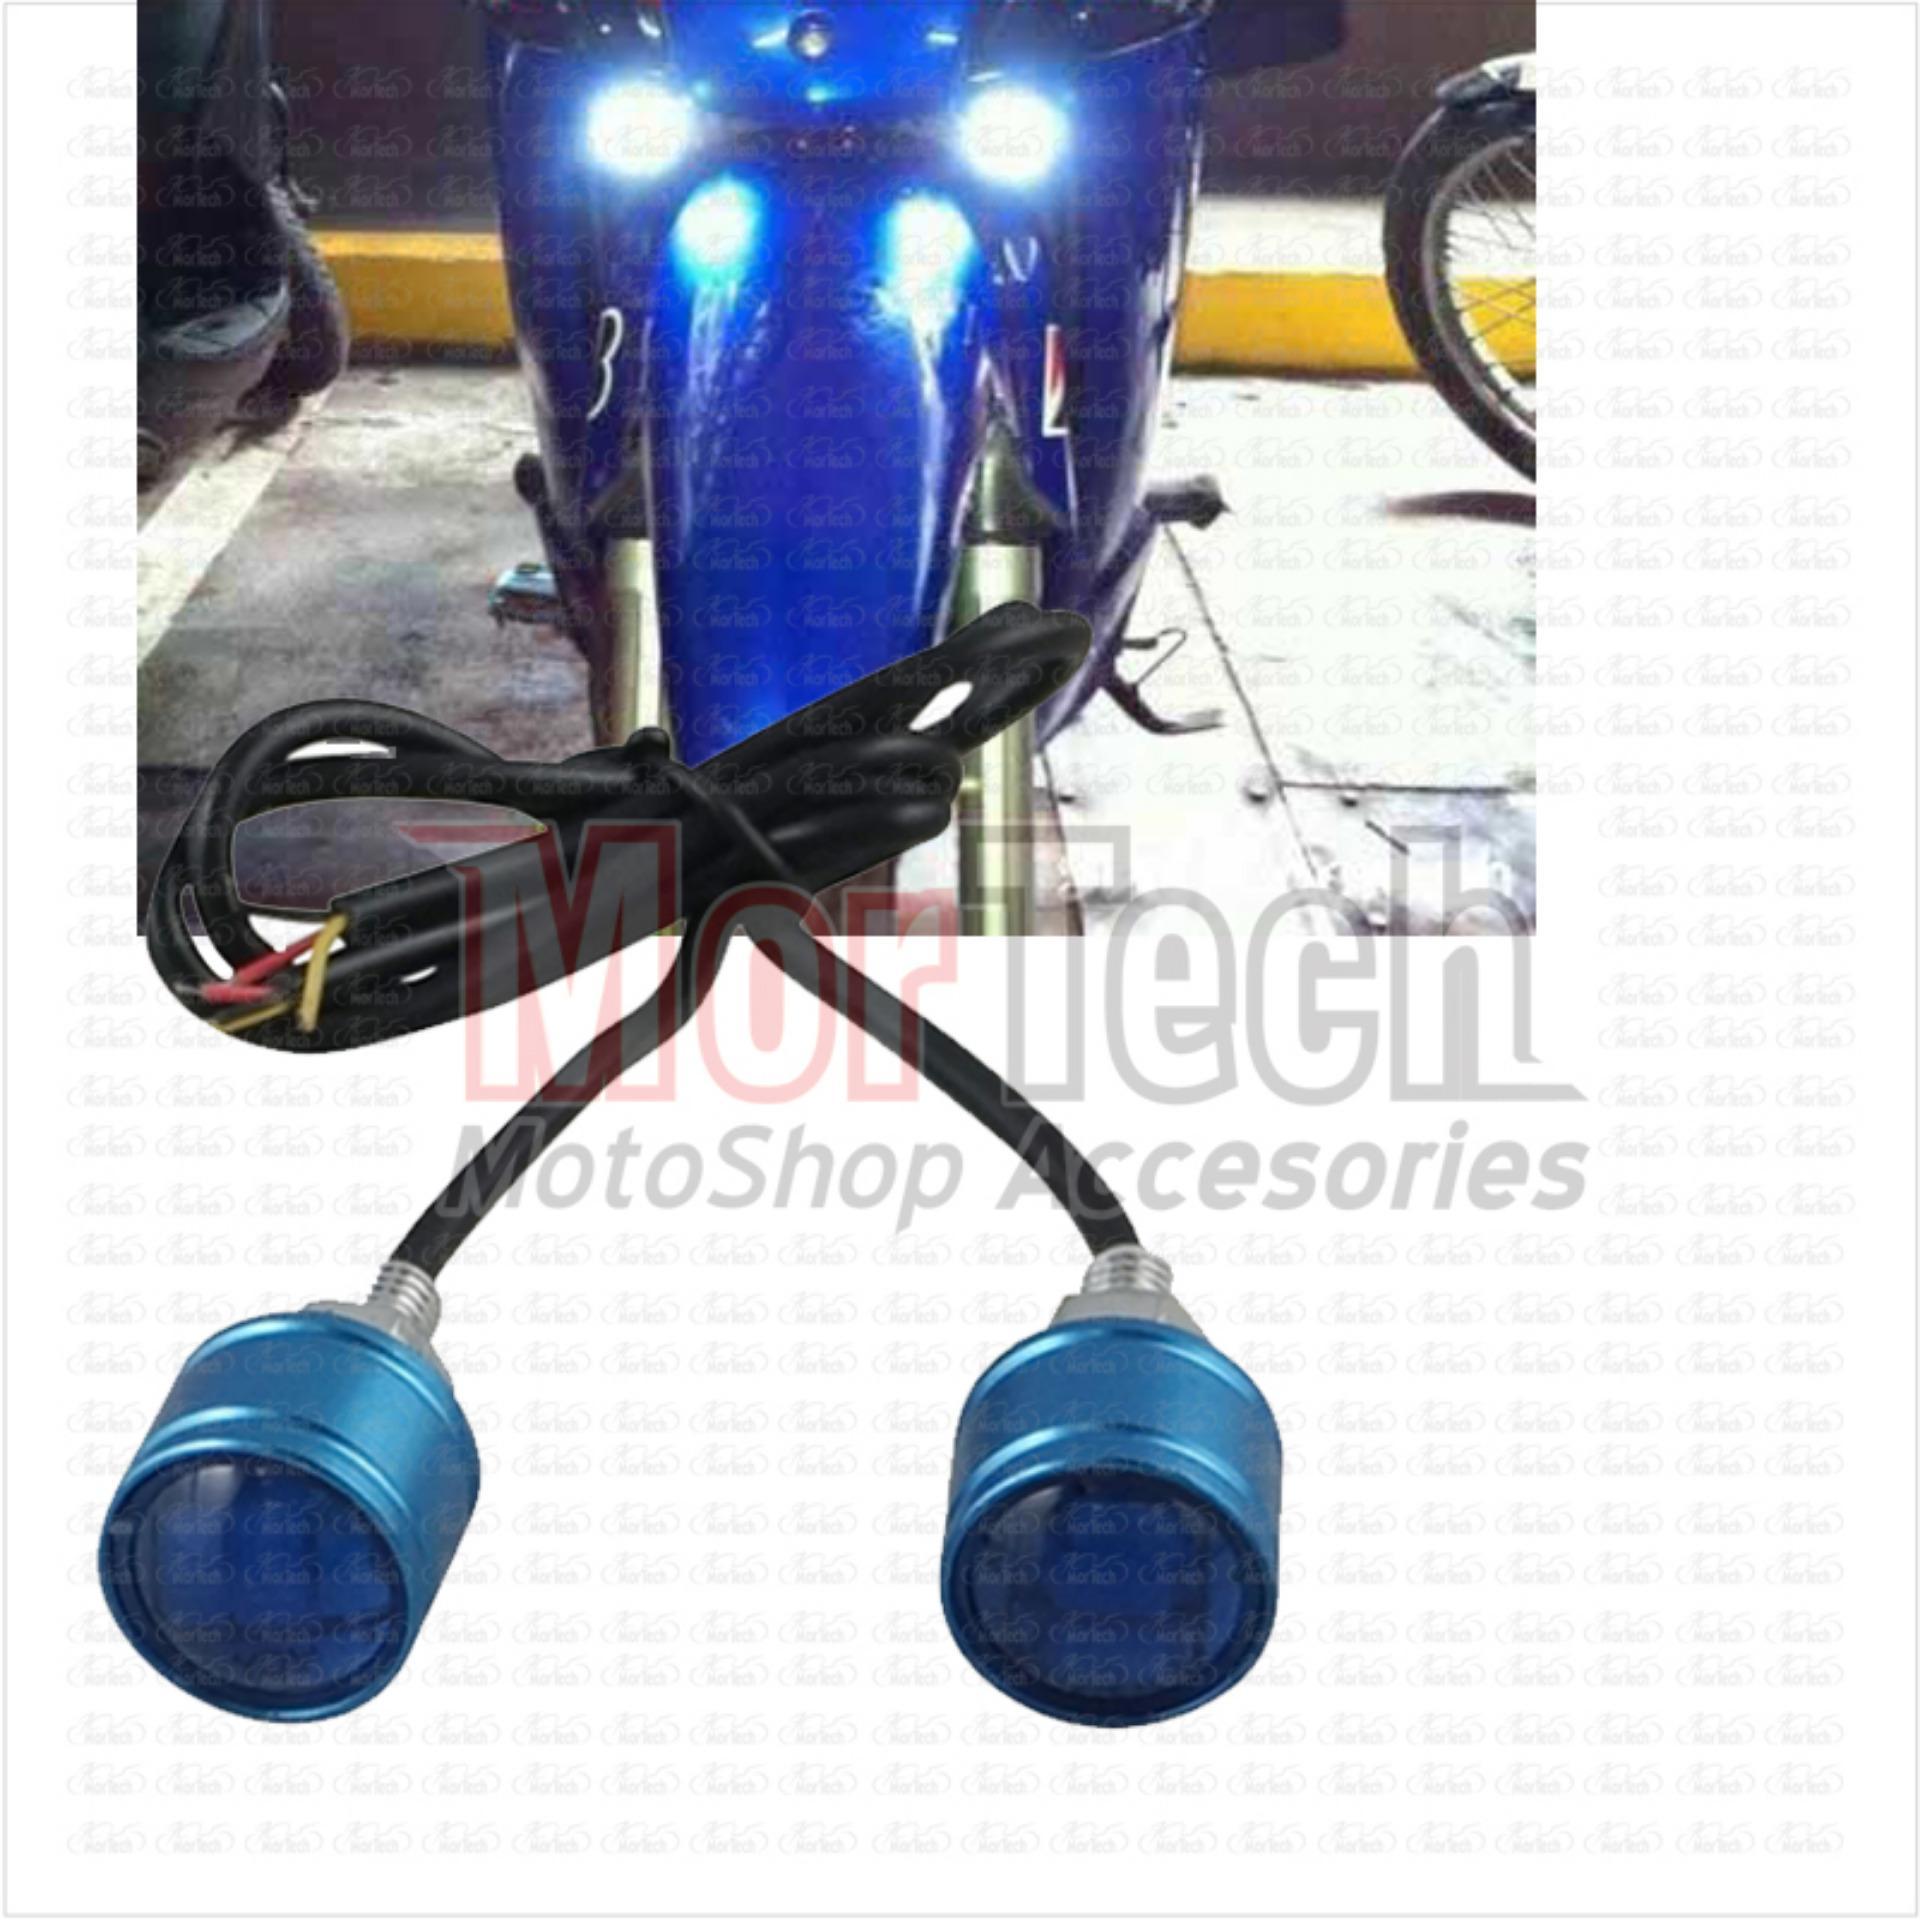 Mortech DRL Lampu Variasi Led Mata Elang Kedip Strobo Motor X Ride Biru